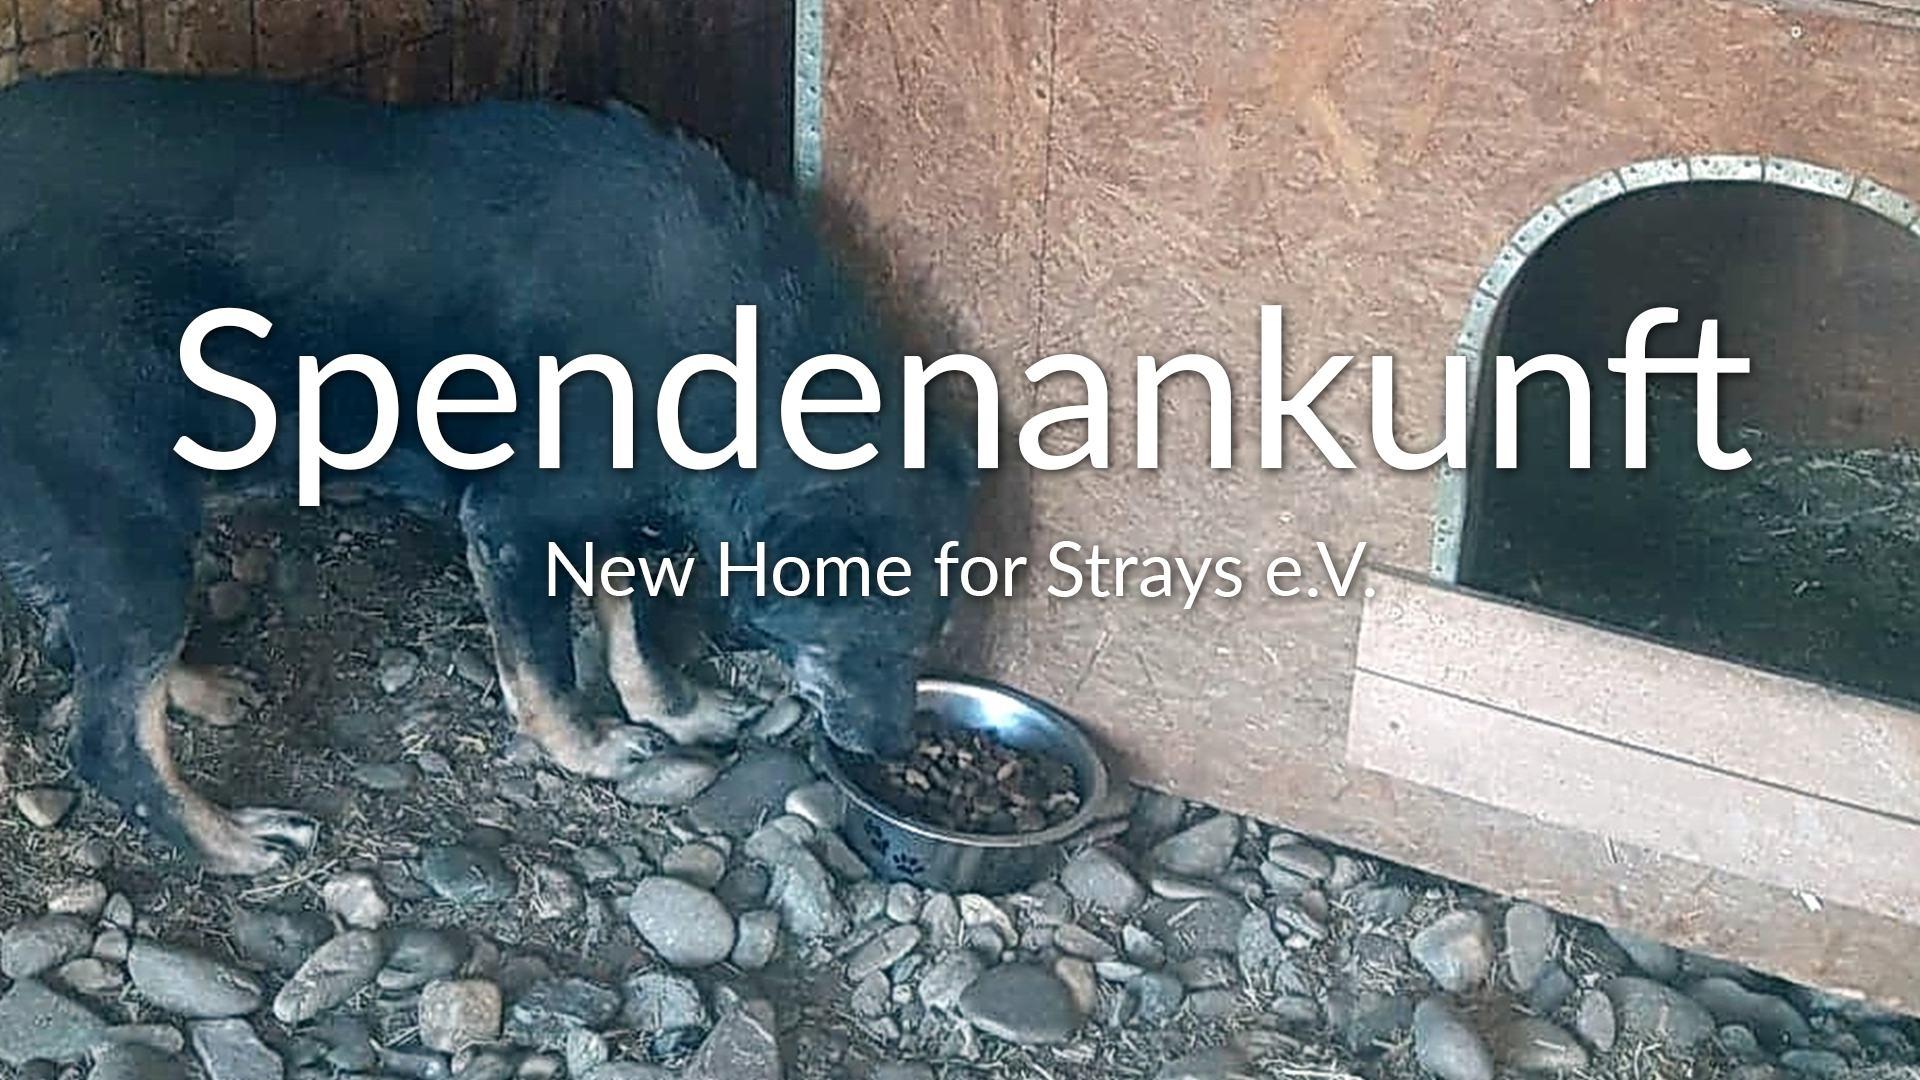 New Home for Strays eV_Futter_statt_Böller_RU